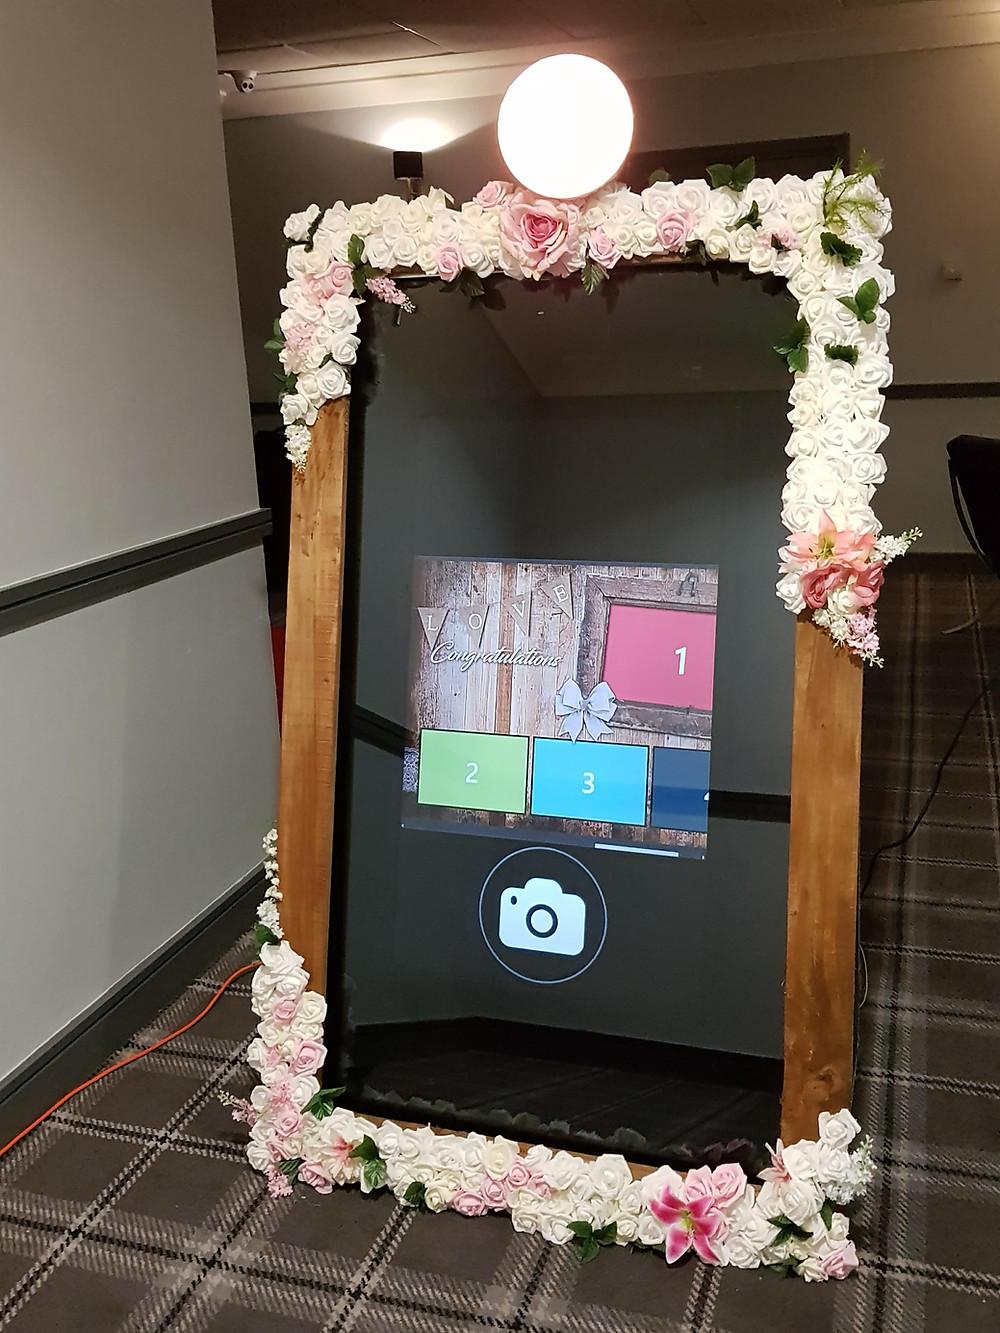 starlit events selfie mirror flower frame